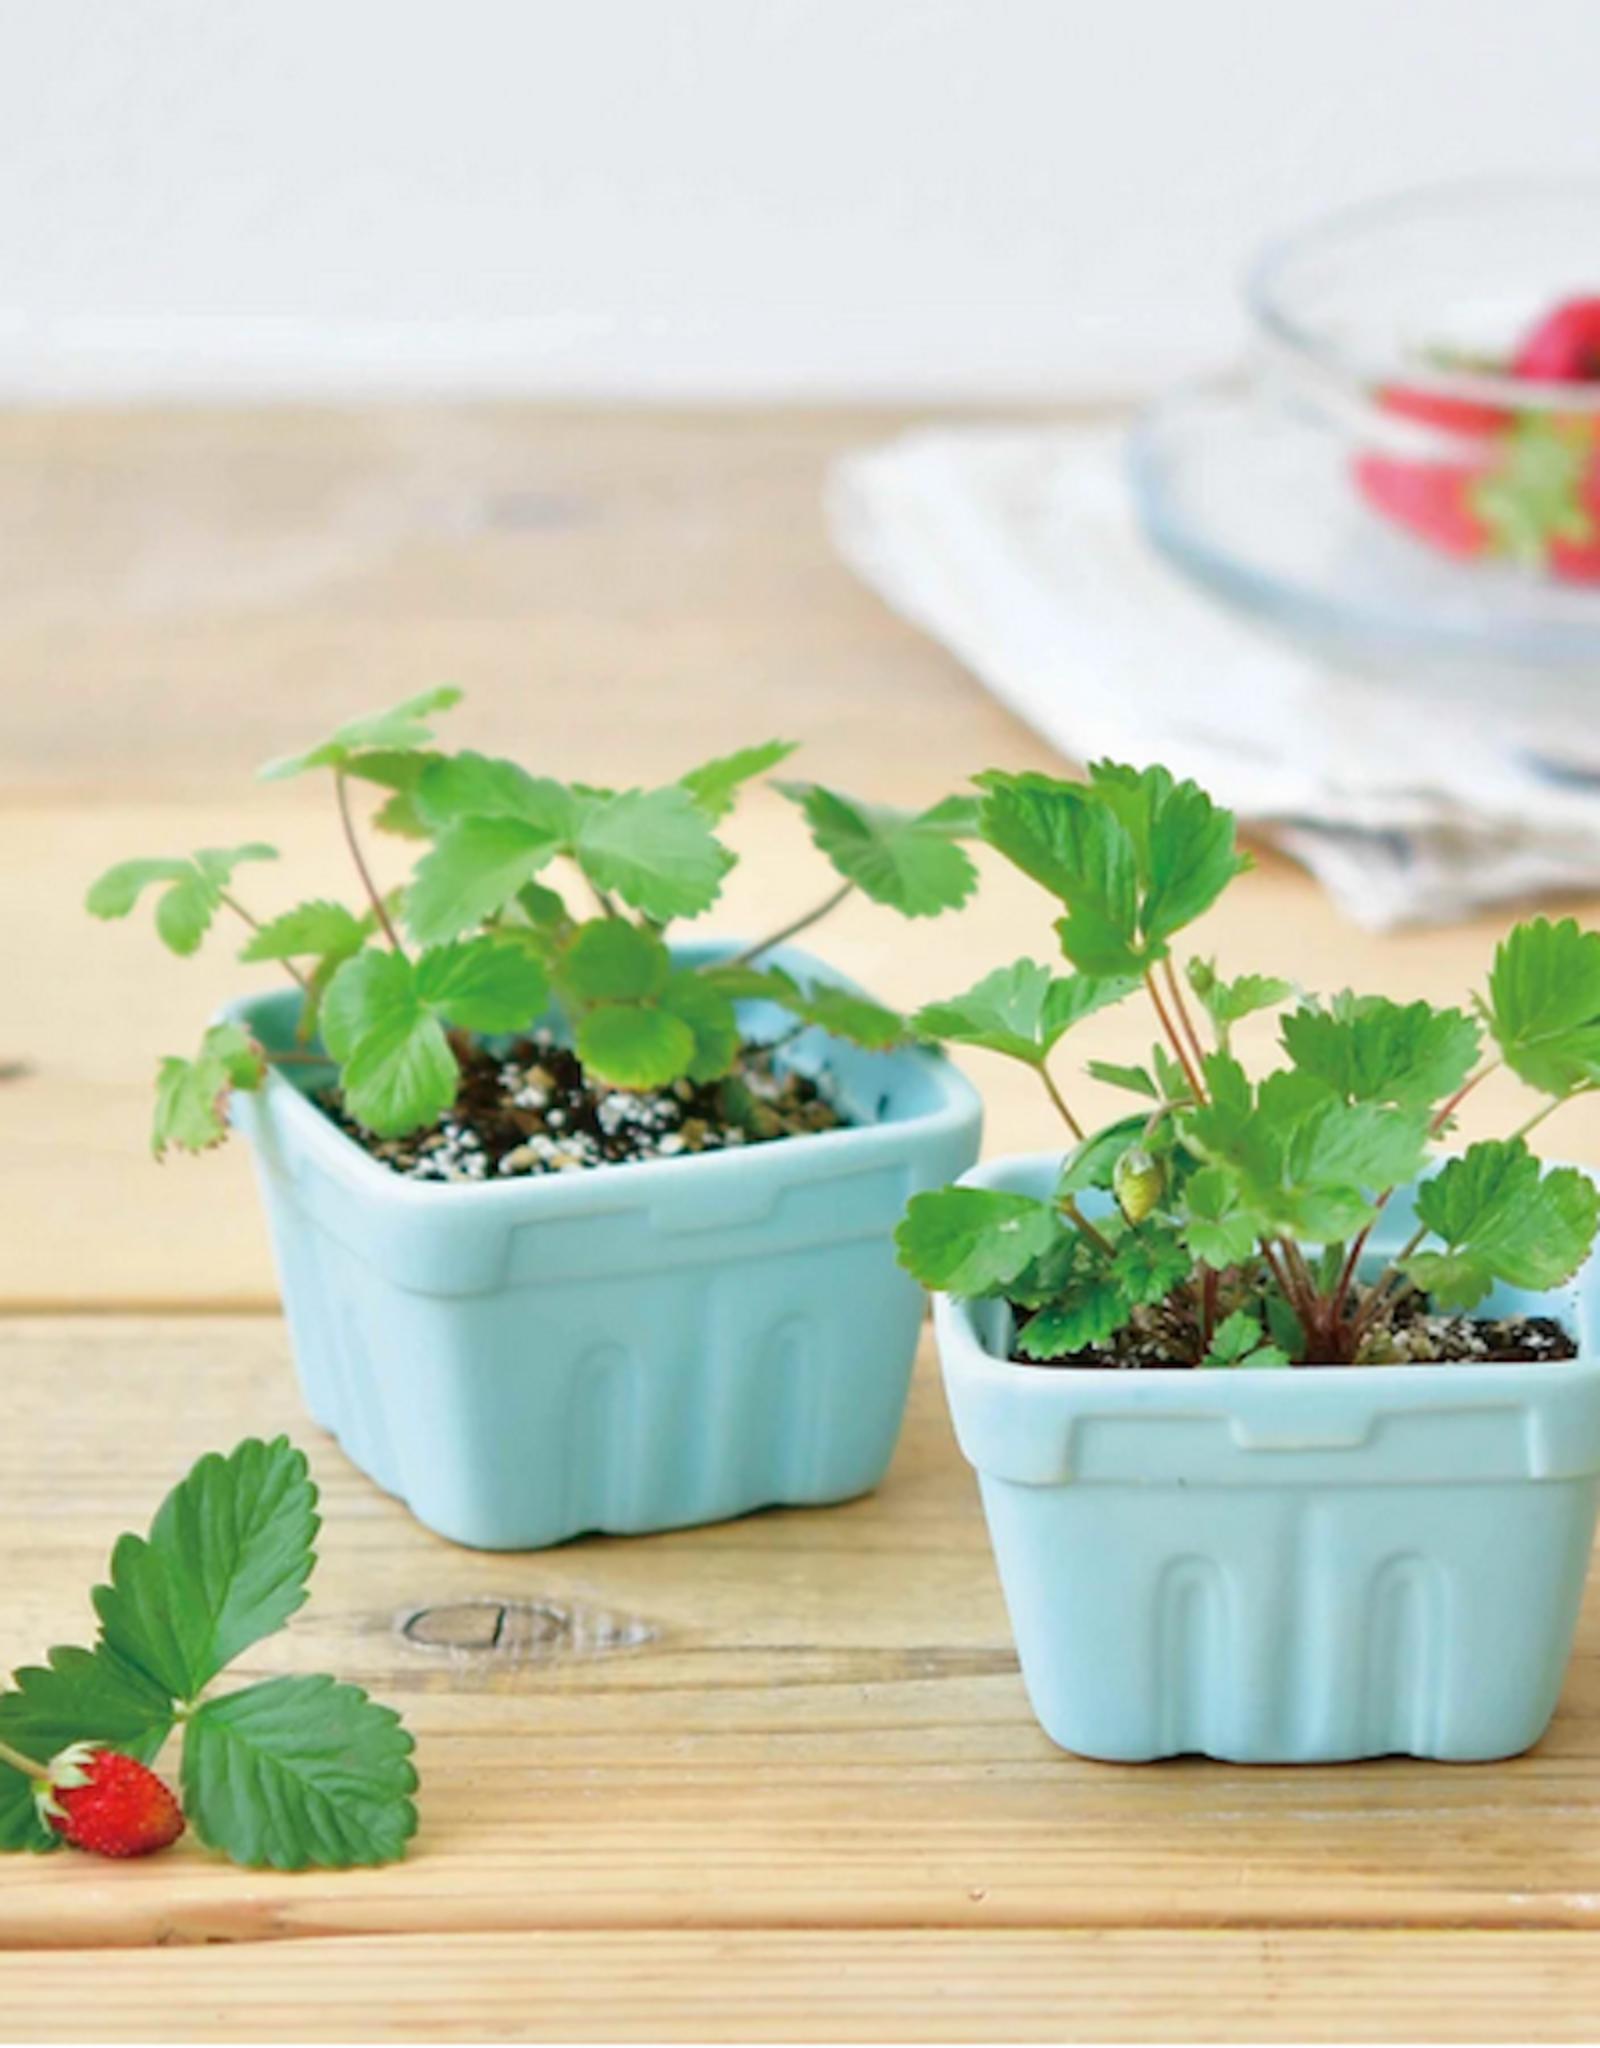 Berry Happy Wild Strawberries